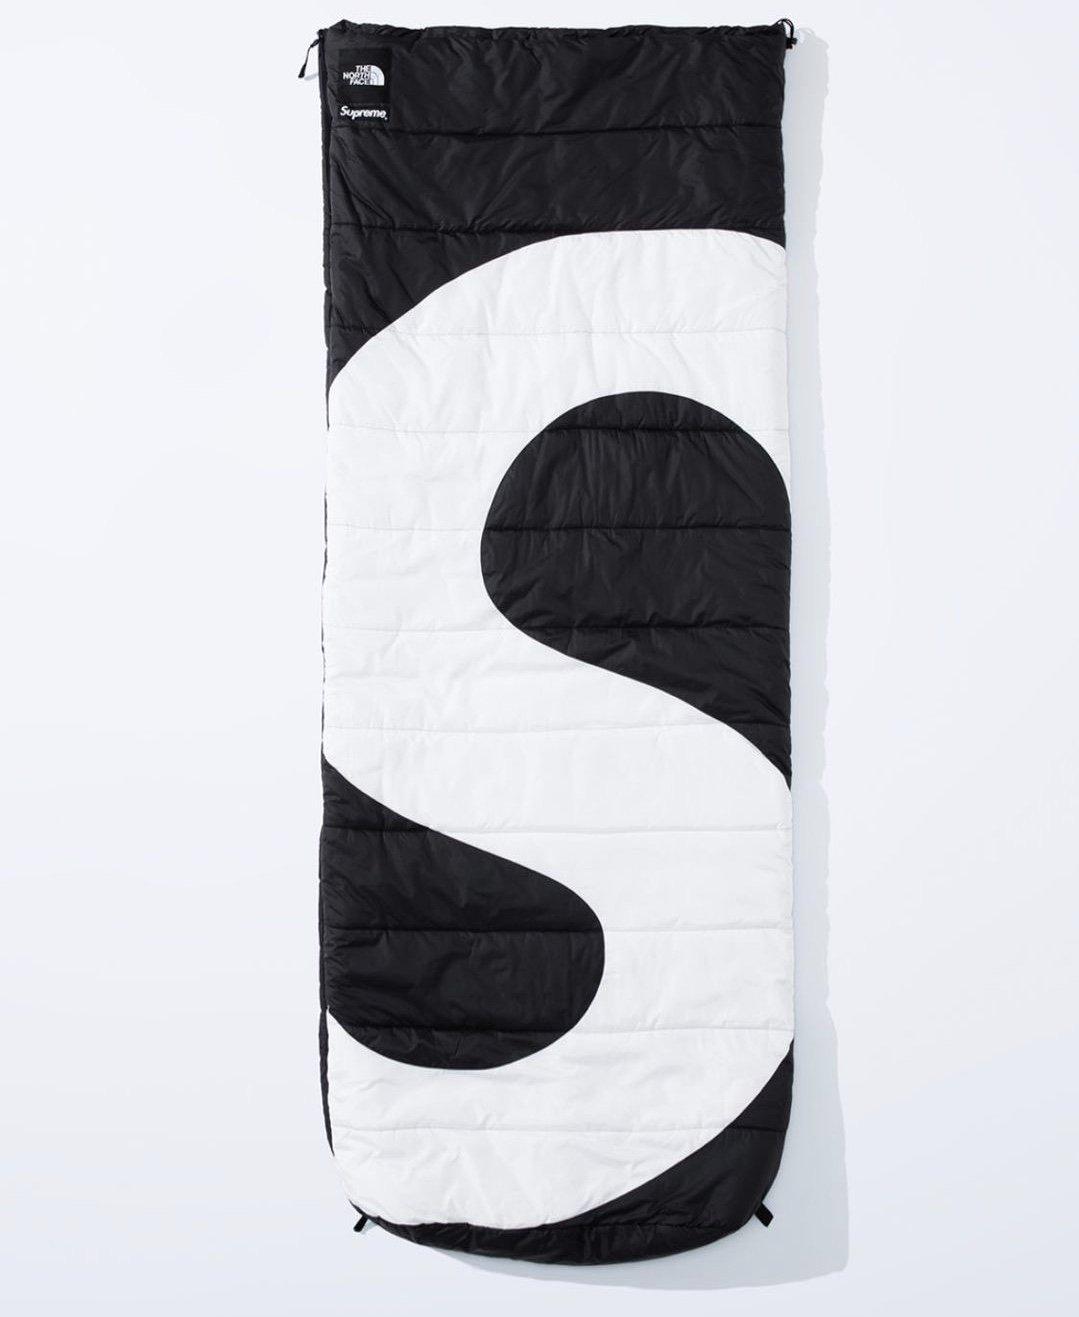 シュプリーム ザ・ノースフェイス コラボ 2020年 秋冬 新作 Supreme 2020fw week 10 The North Face S Logo Dolomite Sleeping Bag black